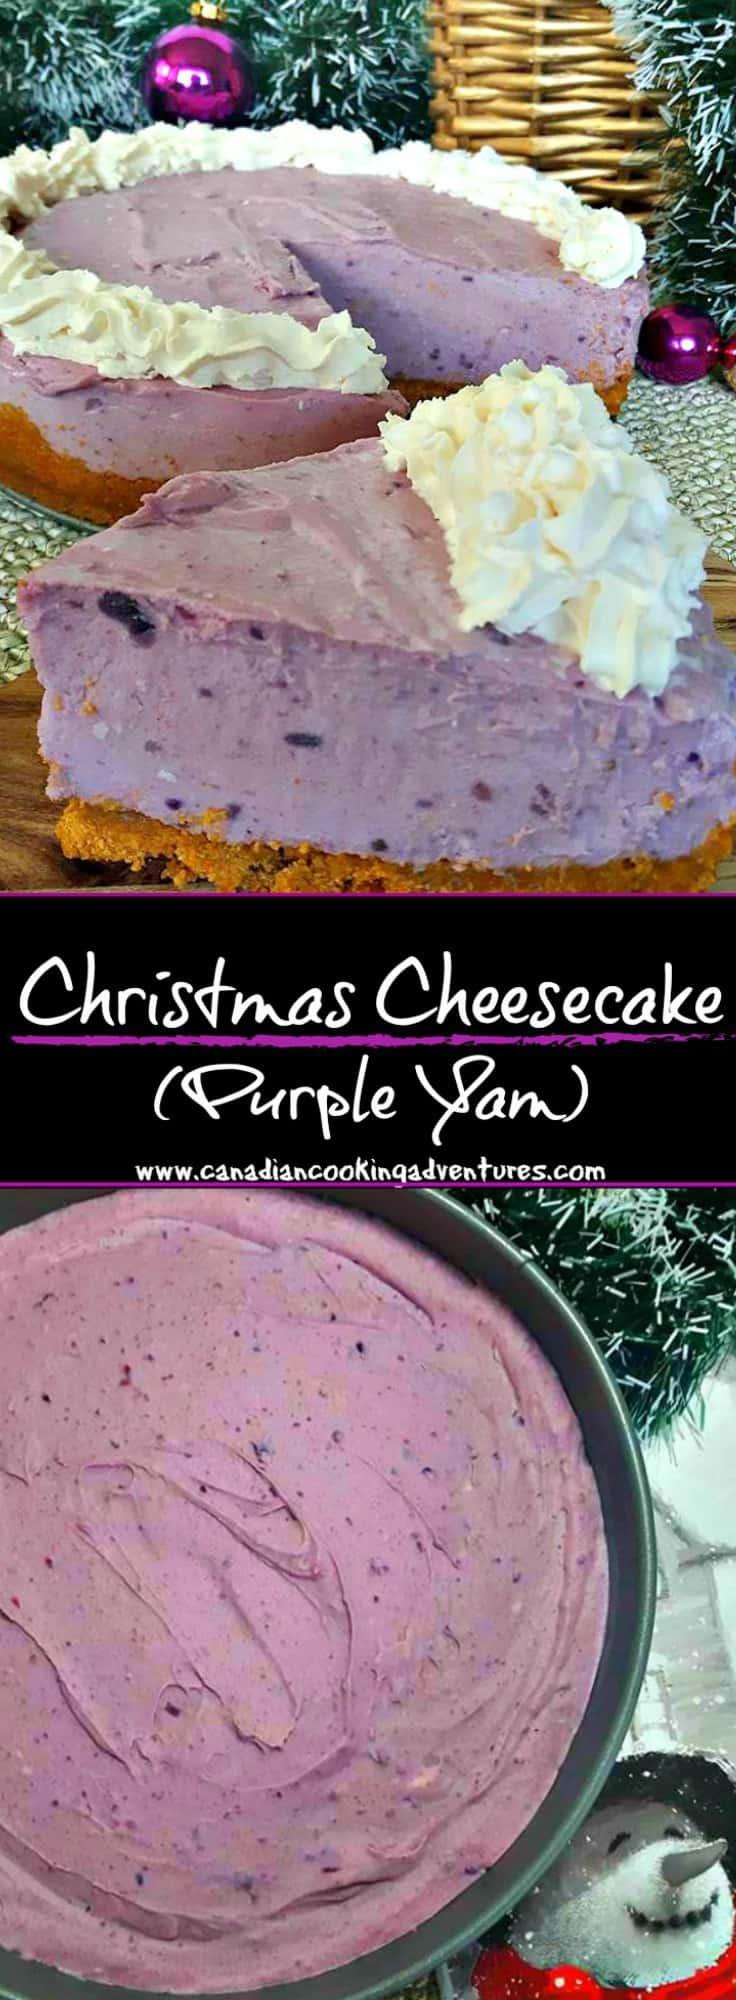 Christmas Cheesecake (Purple Yam)